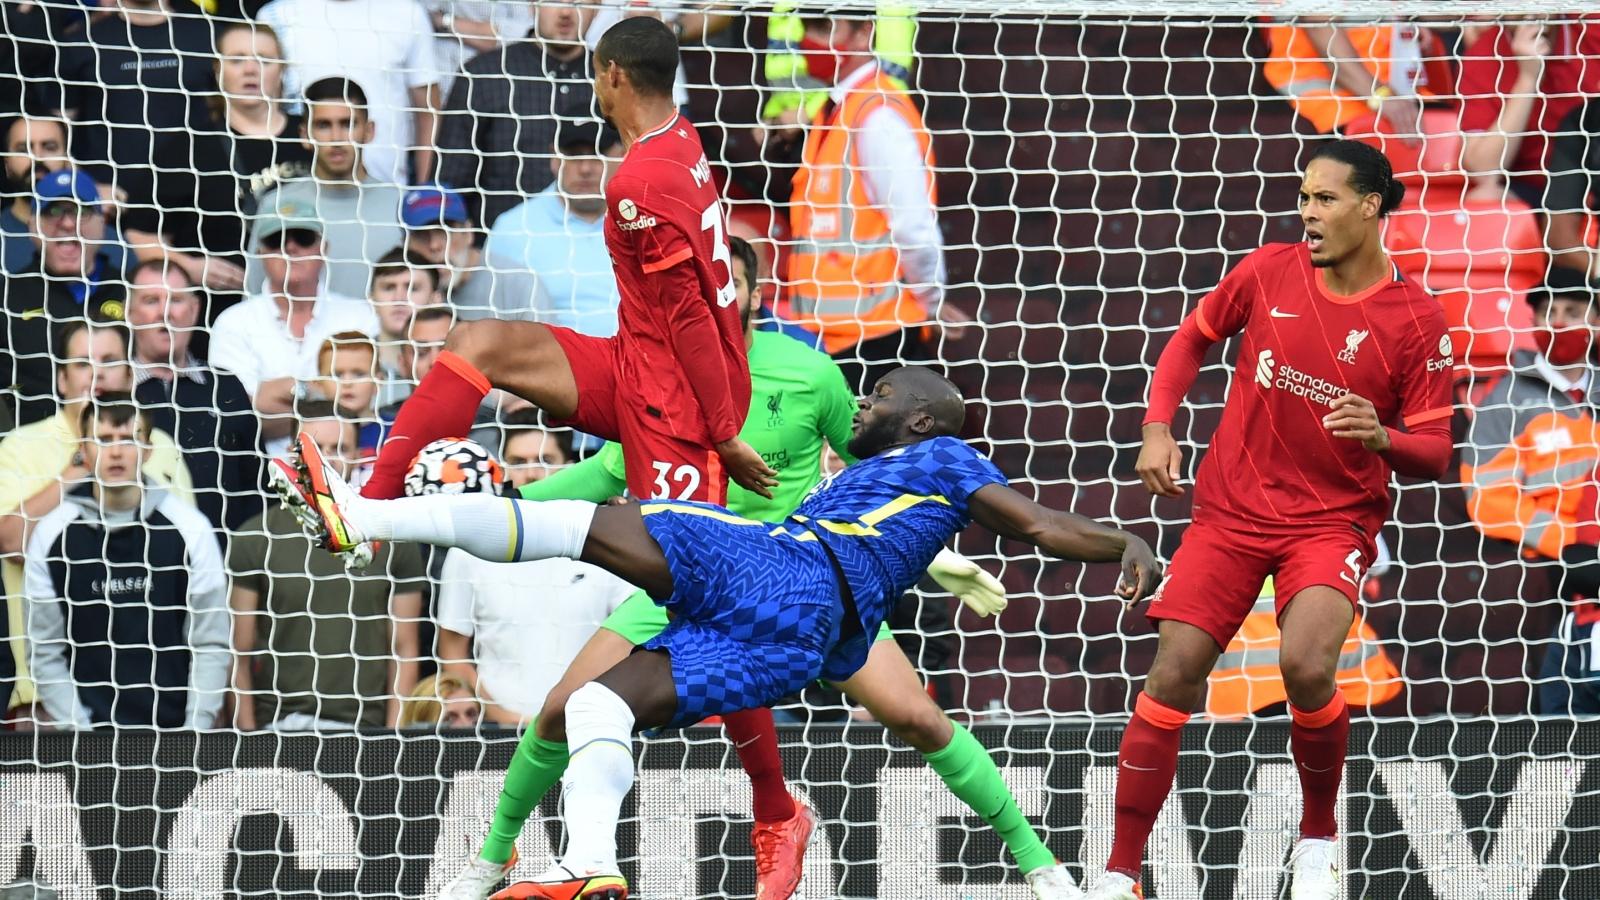 Chơi hơn người cả hiệp 2, Liverpool vẫn ngậm ngùi chia điểm cùng Chelsea trên sân nhà